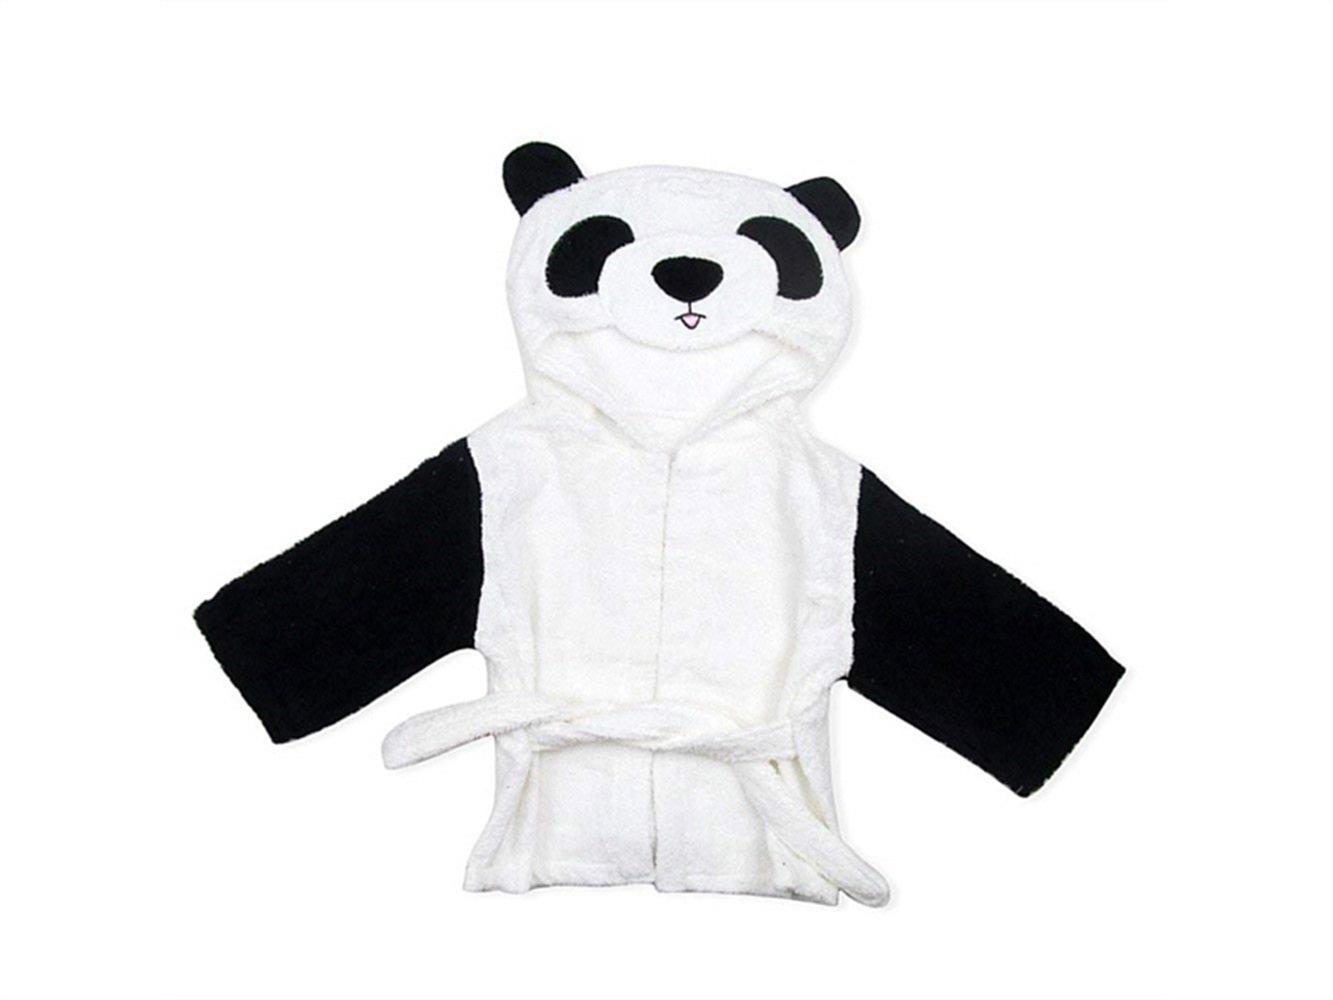 FERFERFERWON Suministros de baño Toalla de baño de bebé Toalla de baño de Dibujos Animados Panda para niños Toalla de baño súper Suave de recién Nacido con ...